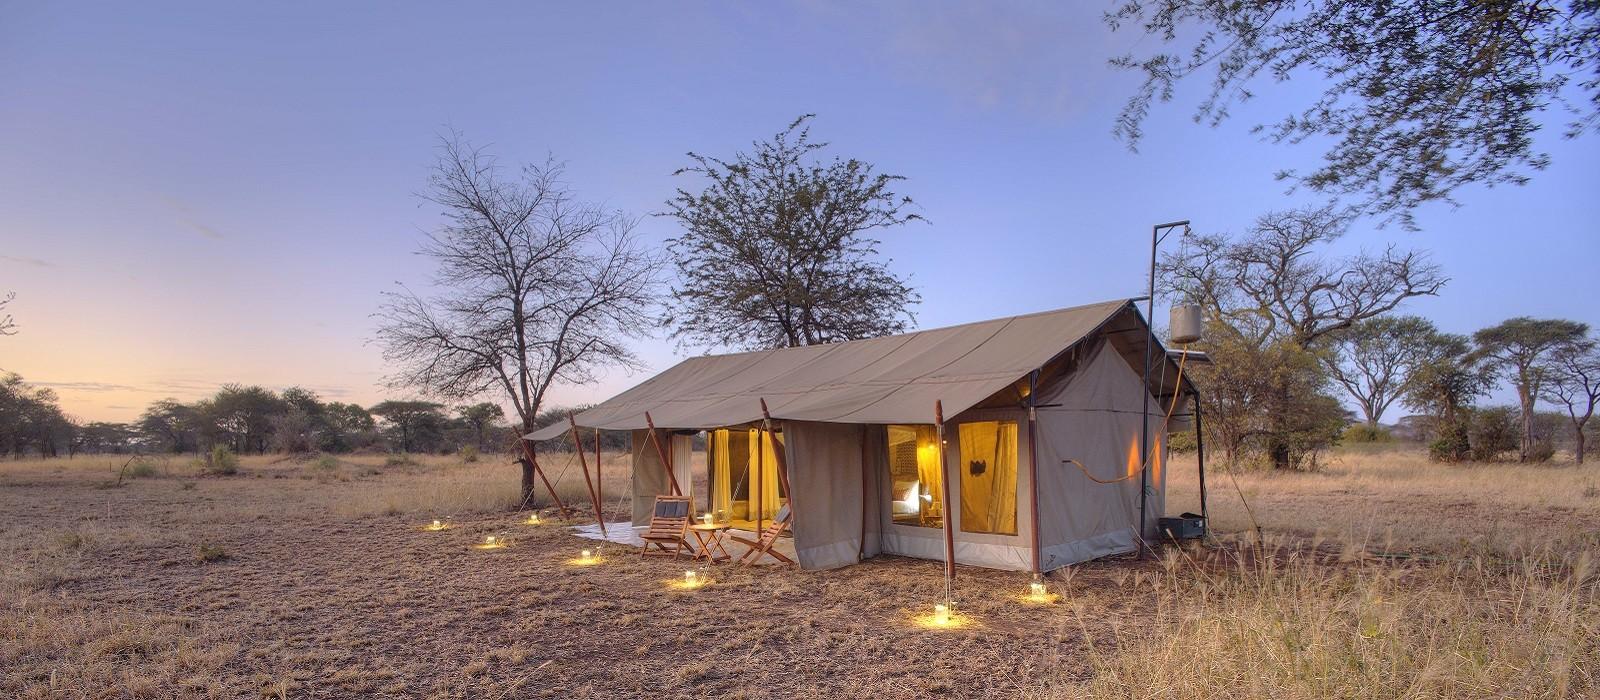 Hotel Ubuntu Camp N Tanzania